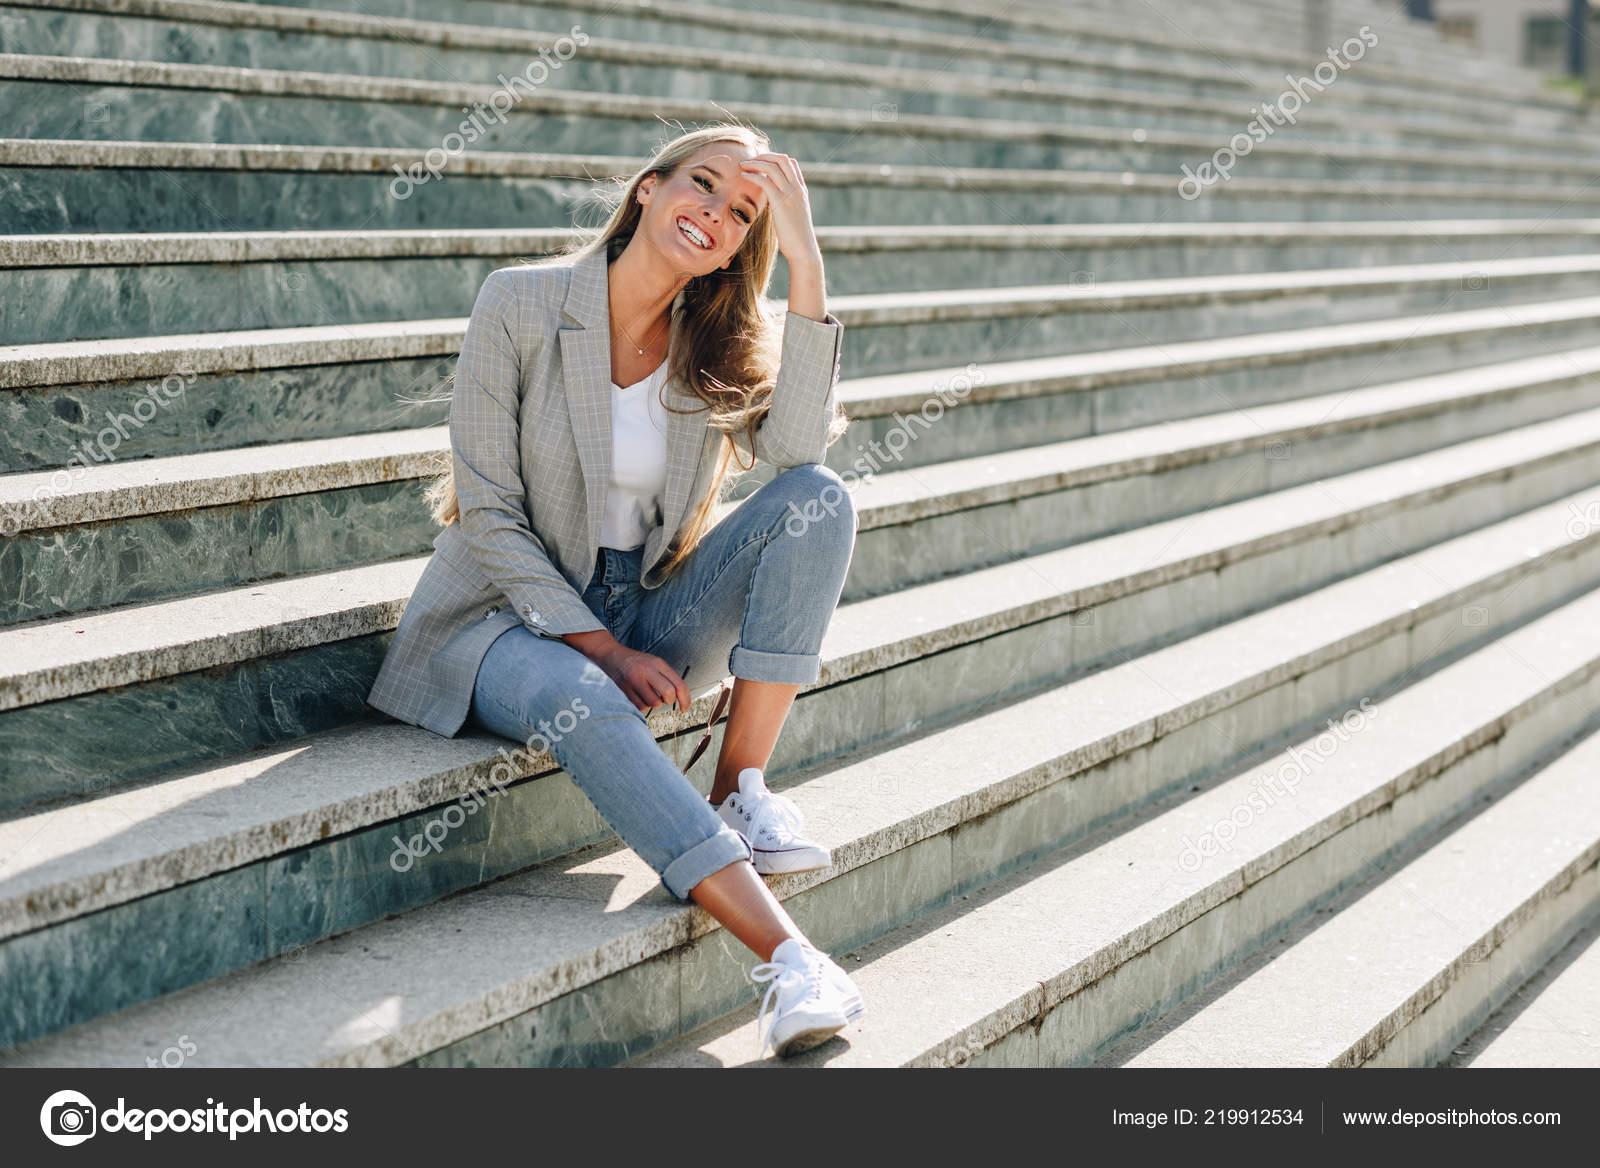 4a9fe6276 Hermosa mujer caucásica joven sonriendo en el fondo urbano. Chica rubia con ropa  casual en la calle. Mujer con chaqueta elegante y vaqueros sentados en ...